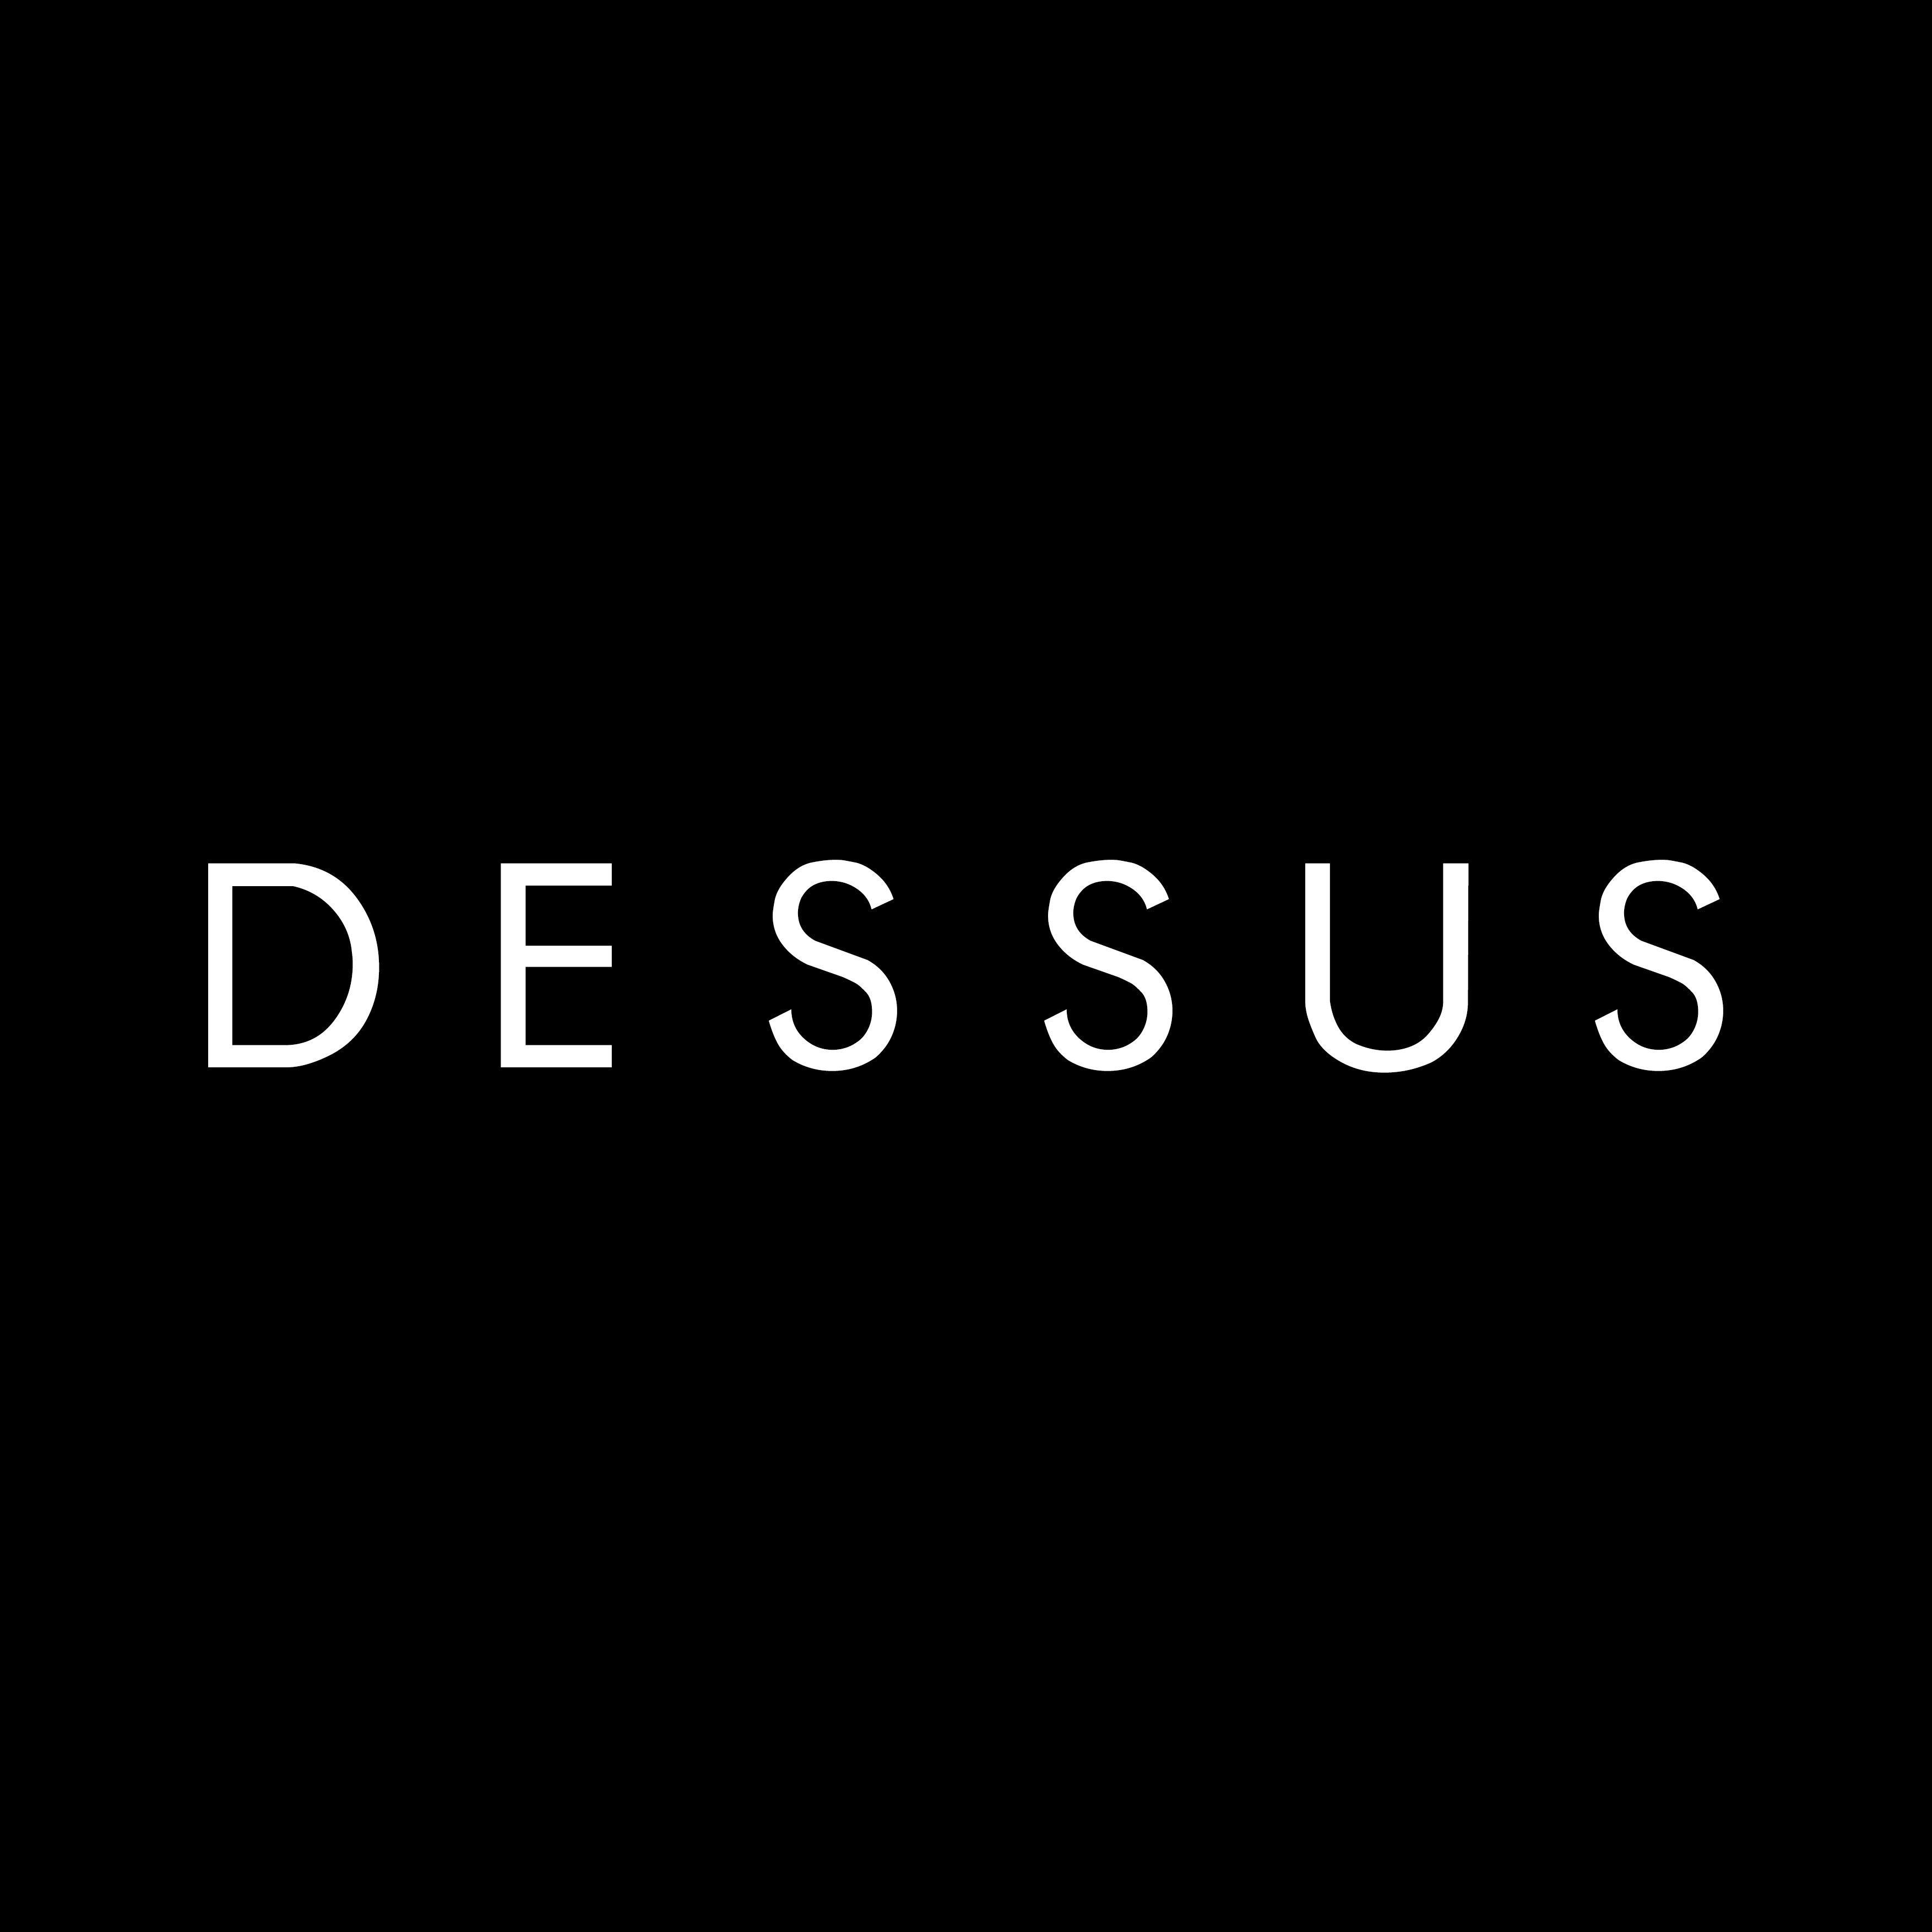 Dessus.cc